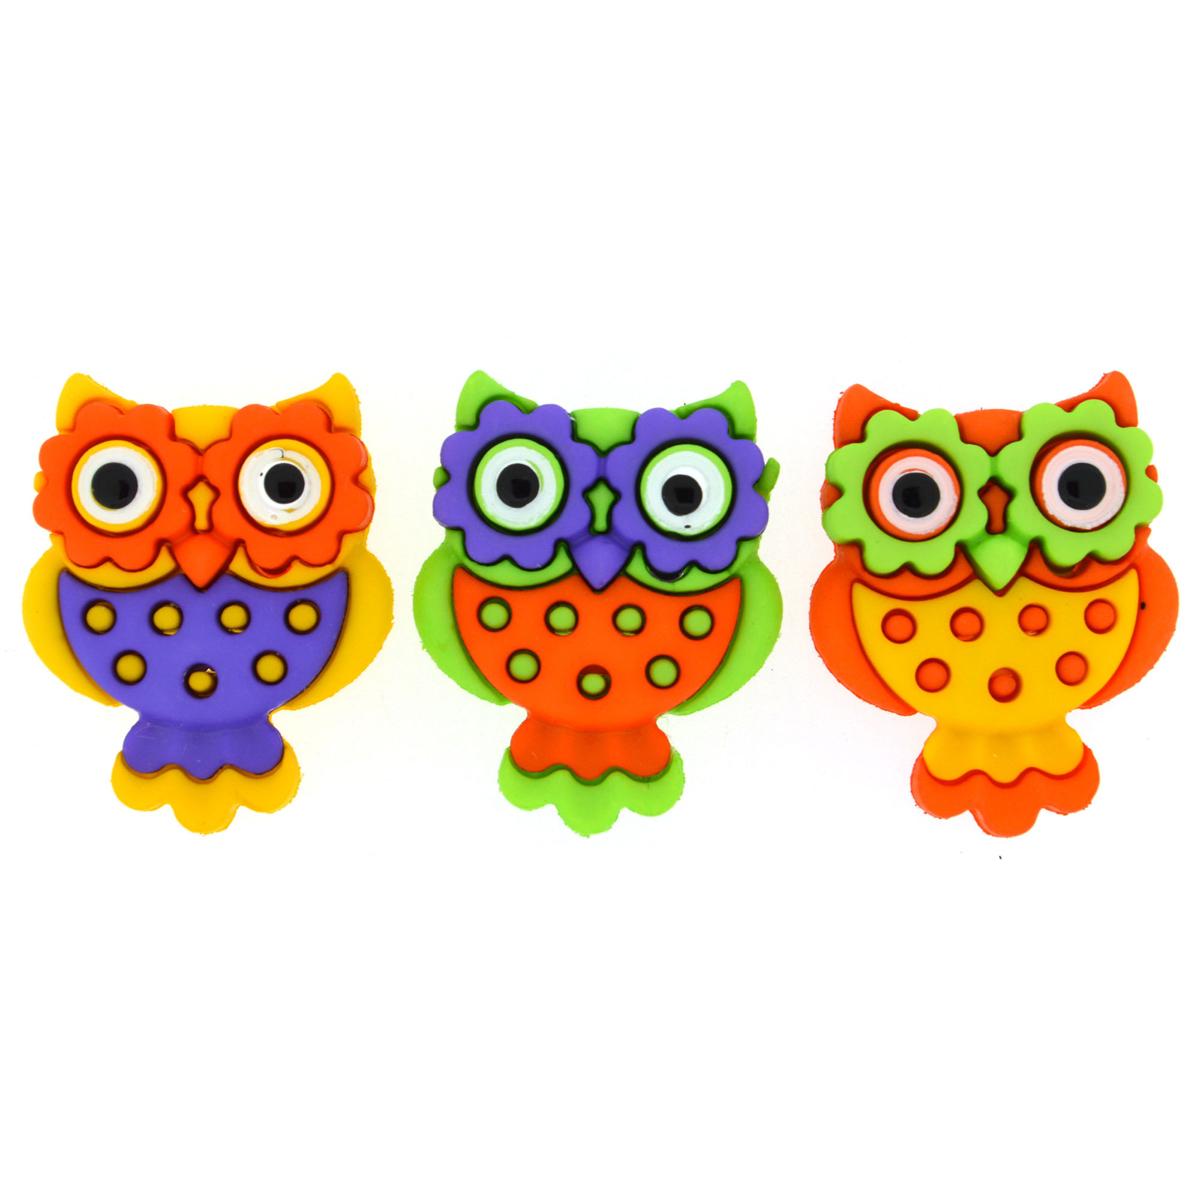 Пуговицы декоративные Dress It Up Разноцветные совы, 3 шт7712040Набор Dress It Up Разноцветные совы состоит из 3 декоративных пуговиц, выполненных из высококачественного пластика в виде сов. Такие пуговицы подходят для любых видов творчества: скрапбукинга, декорирования, шитья, изготовления кукол, а также для оформления одежды. С их помощью вы сможете украсить открытку, фотографию, альбом, подарок и другие предметы ручной работы. Все пуговицы в наборе имеют оригинальный и яркий дизайн. Размер пуговицы: 2,5 см х 2 см х 0,5 см.